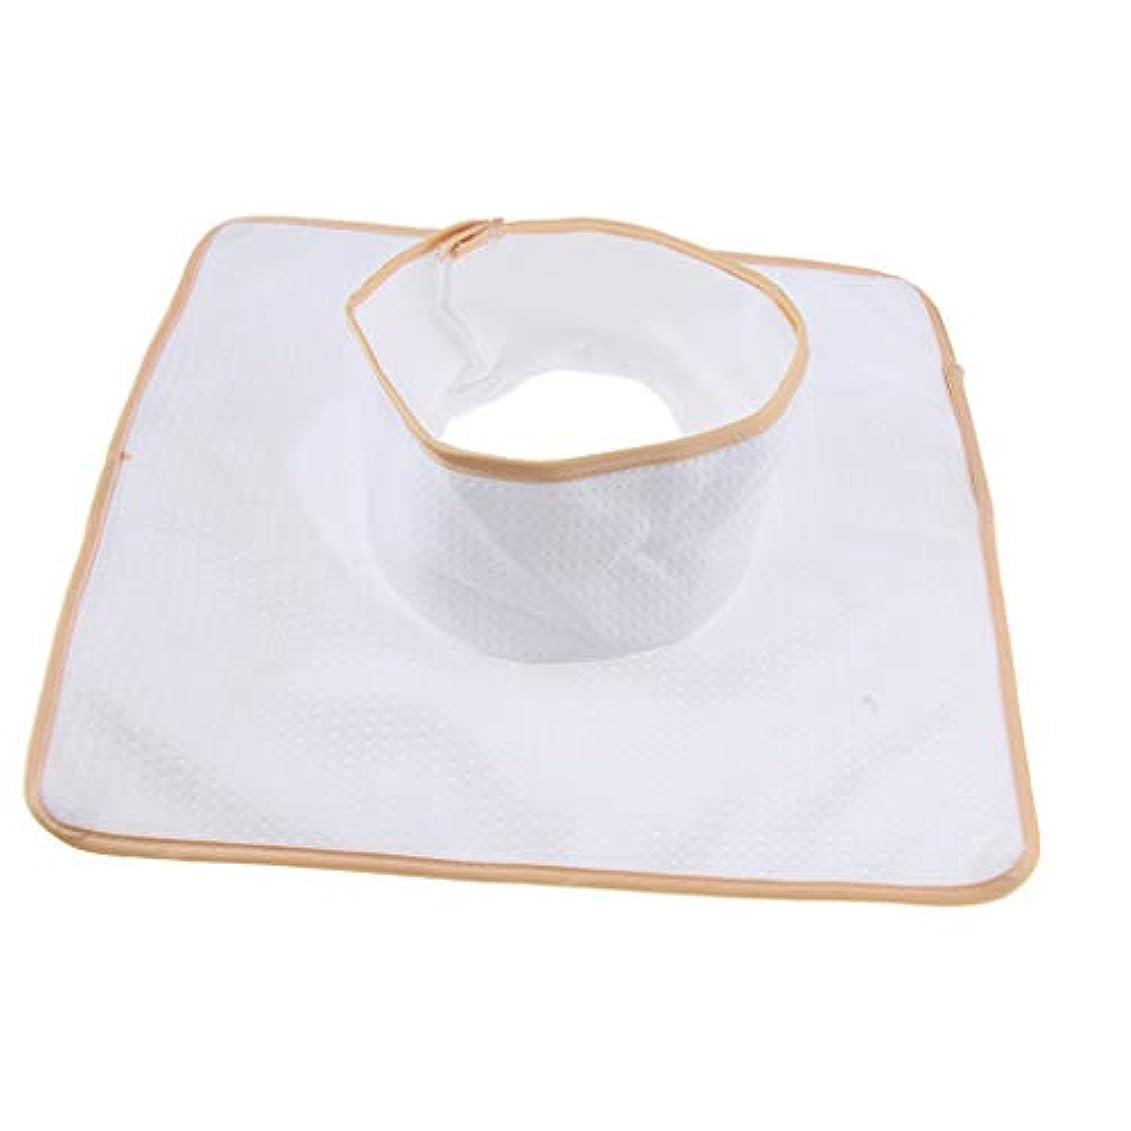 スラム街絶縁するつかむFLAMEER マッサージベッド サロンテーブル シート パッド 頭の穴 洗濯可能 約35×35cm 全3色 - 白